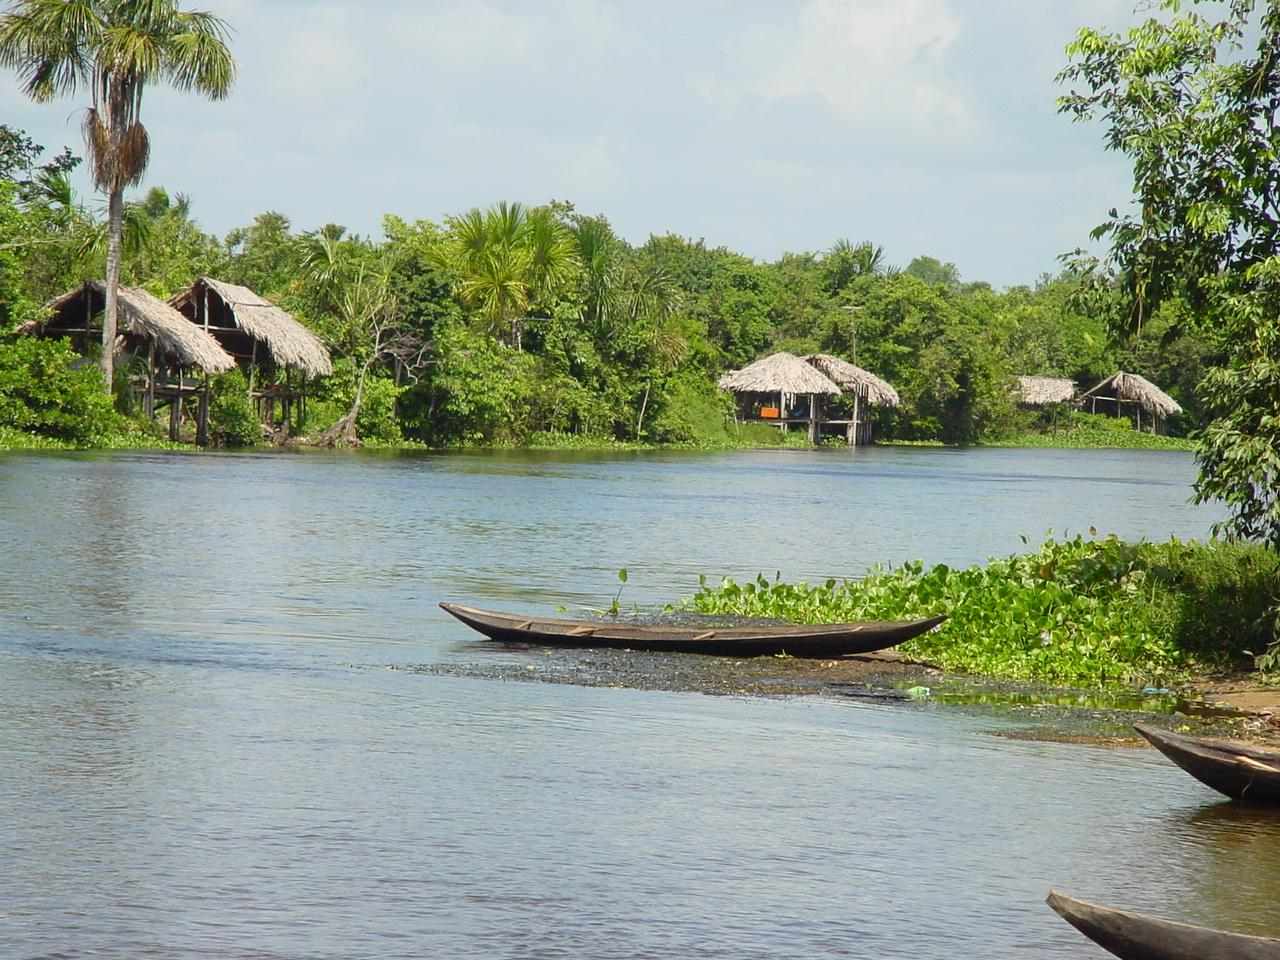 Das Orinoco Delta in Venezuela birgt wunderschöne Natur, die Sie auf Ihrer Rundreise entdecken werden